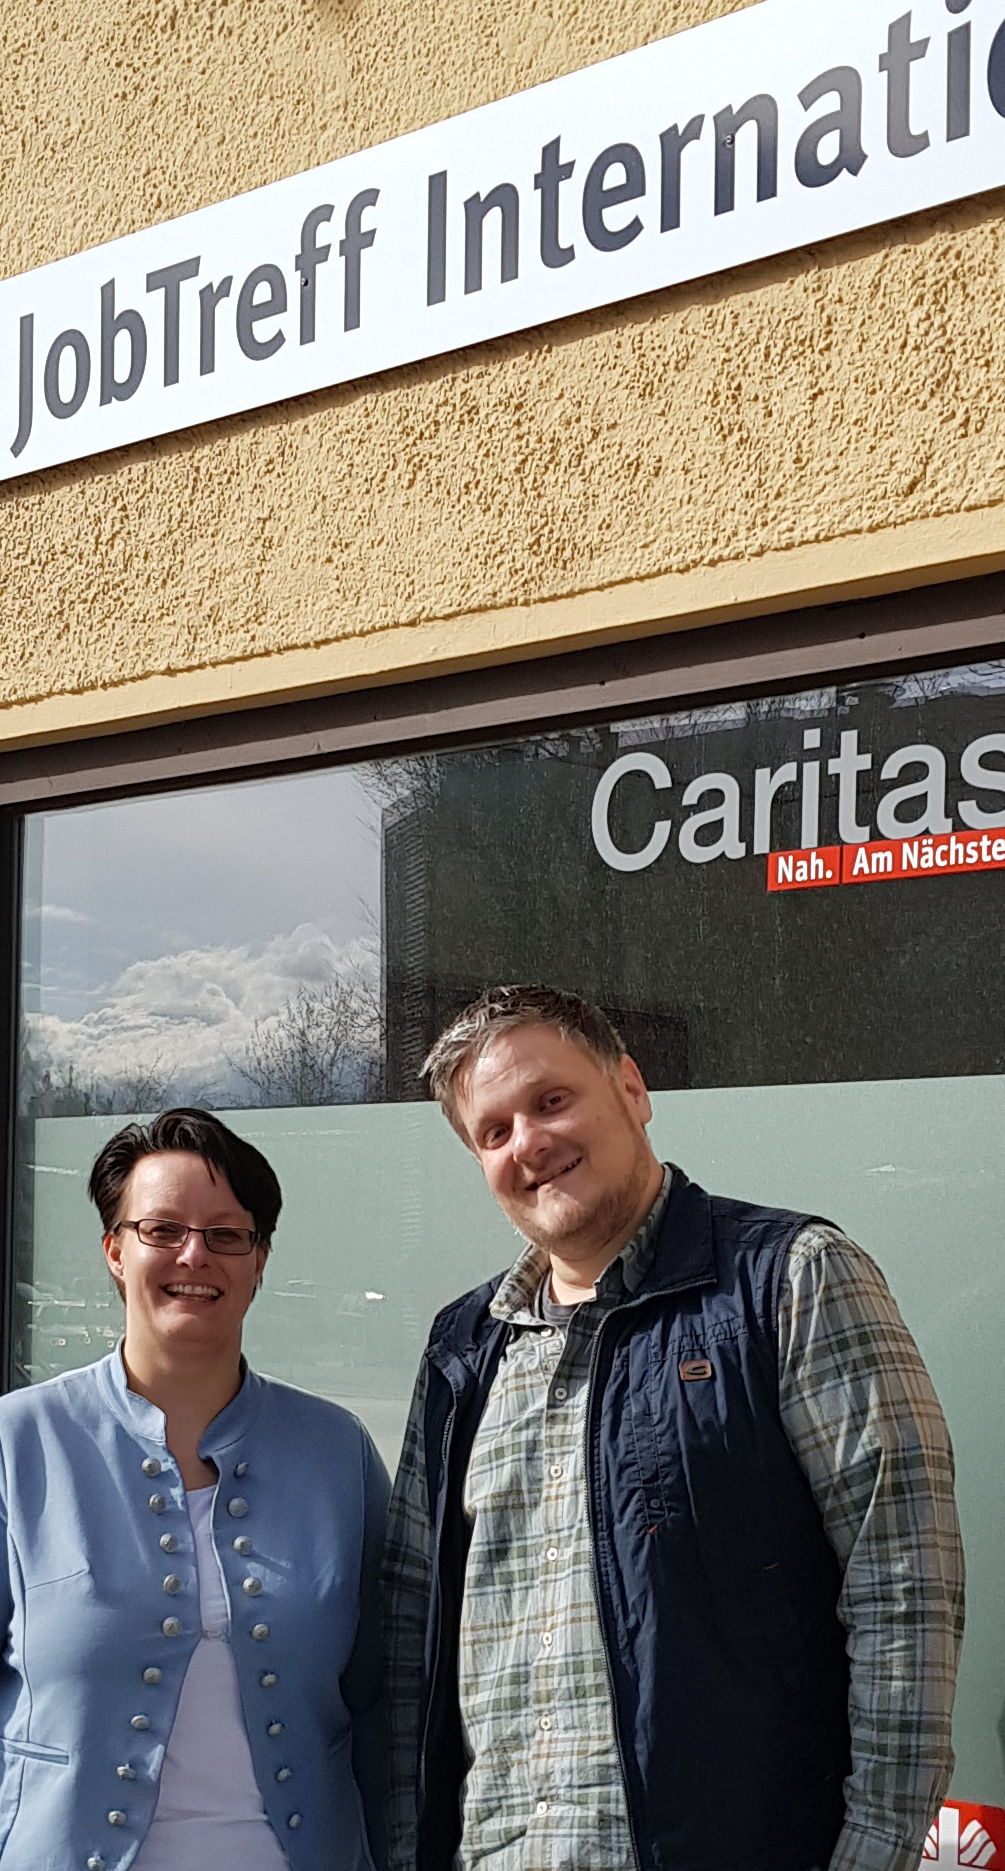 JobTreff International eröffnet in Wasserburg